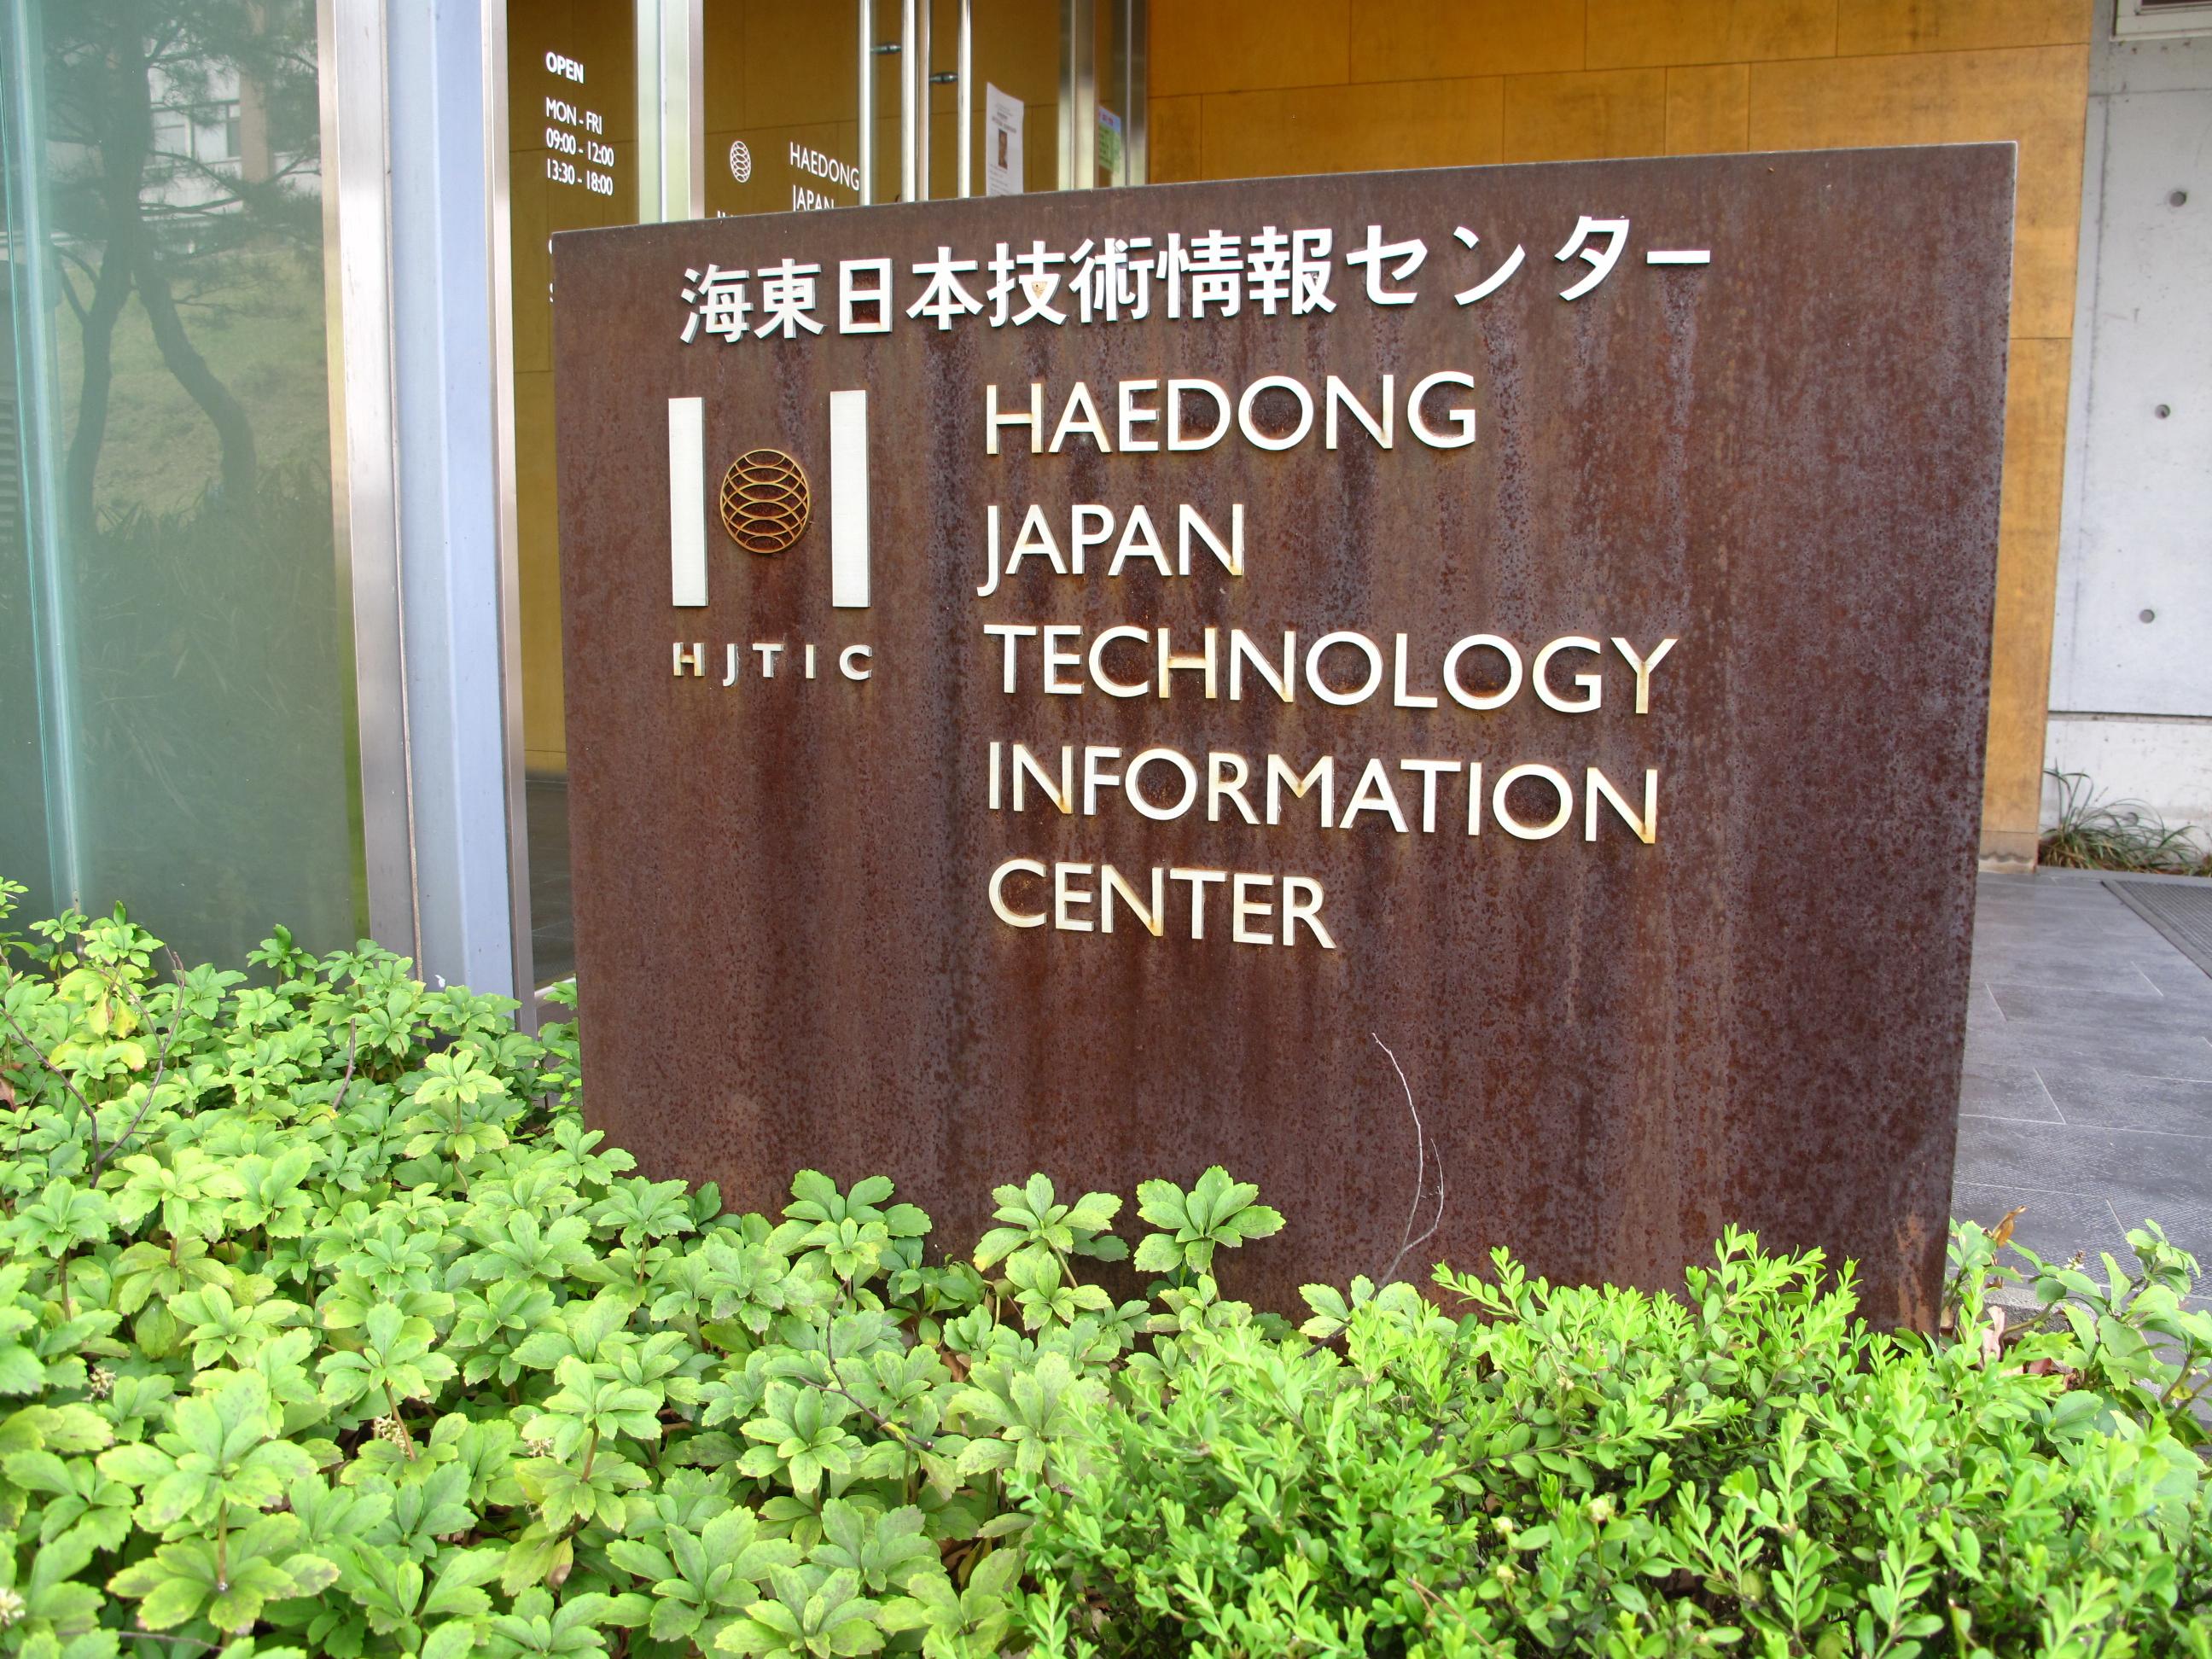 해동 일본 기술 정보 센터 외부 사인